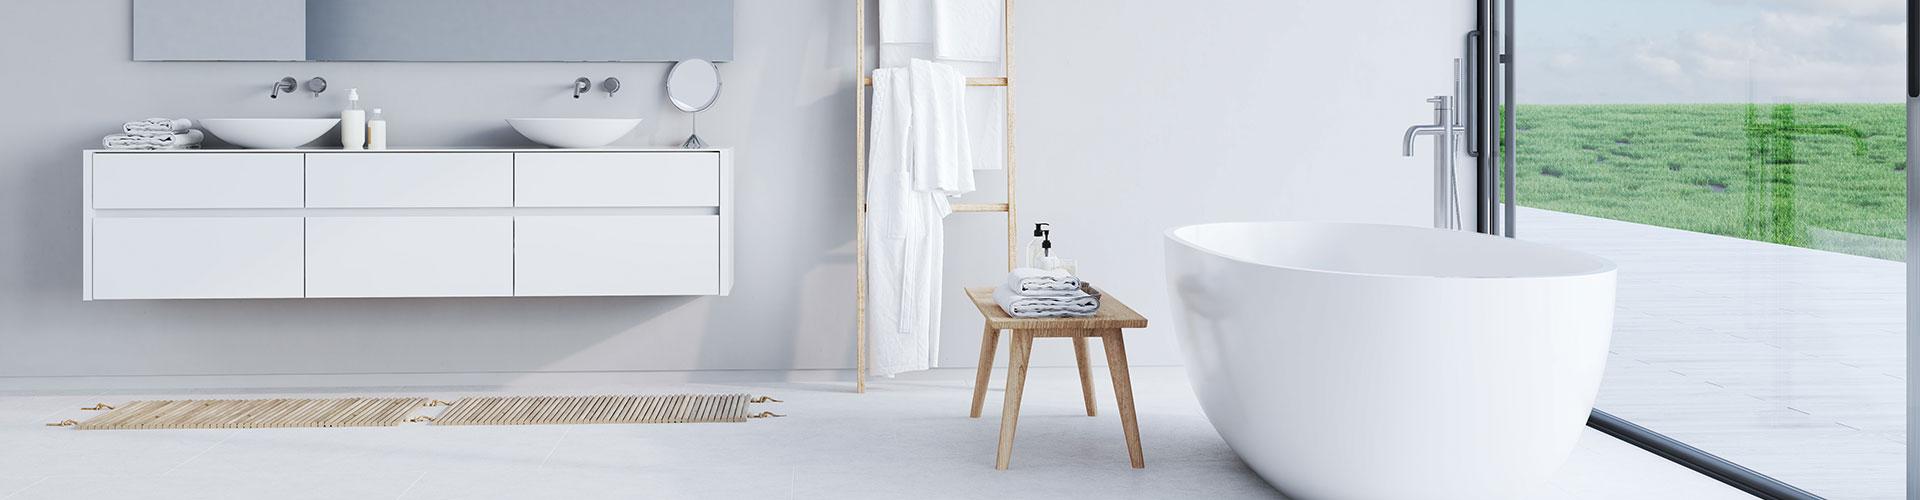 Badezimmer mit Waschbecken und freistehender Badewanne